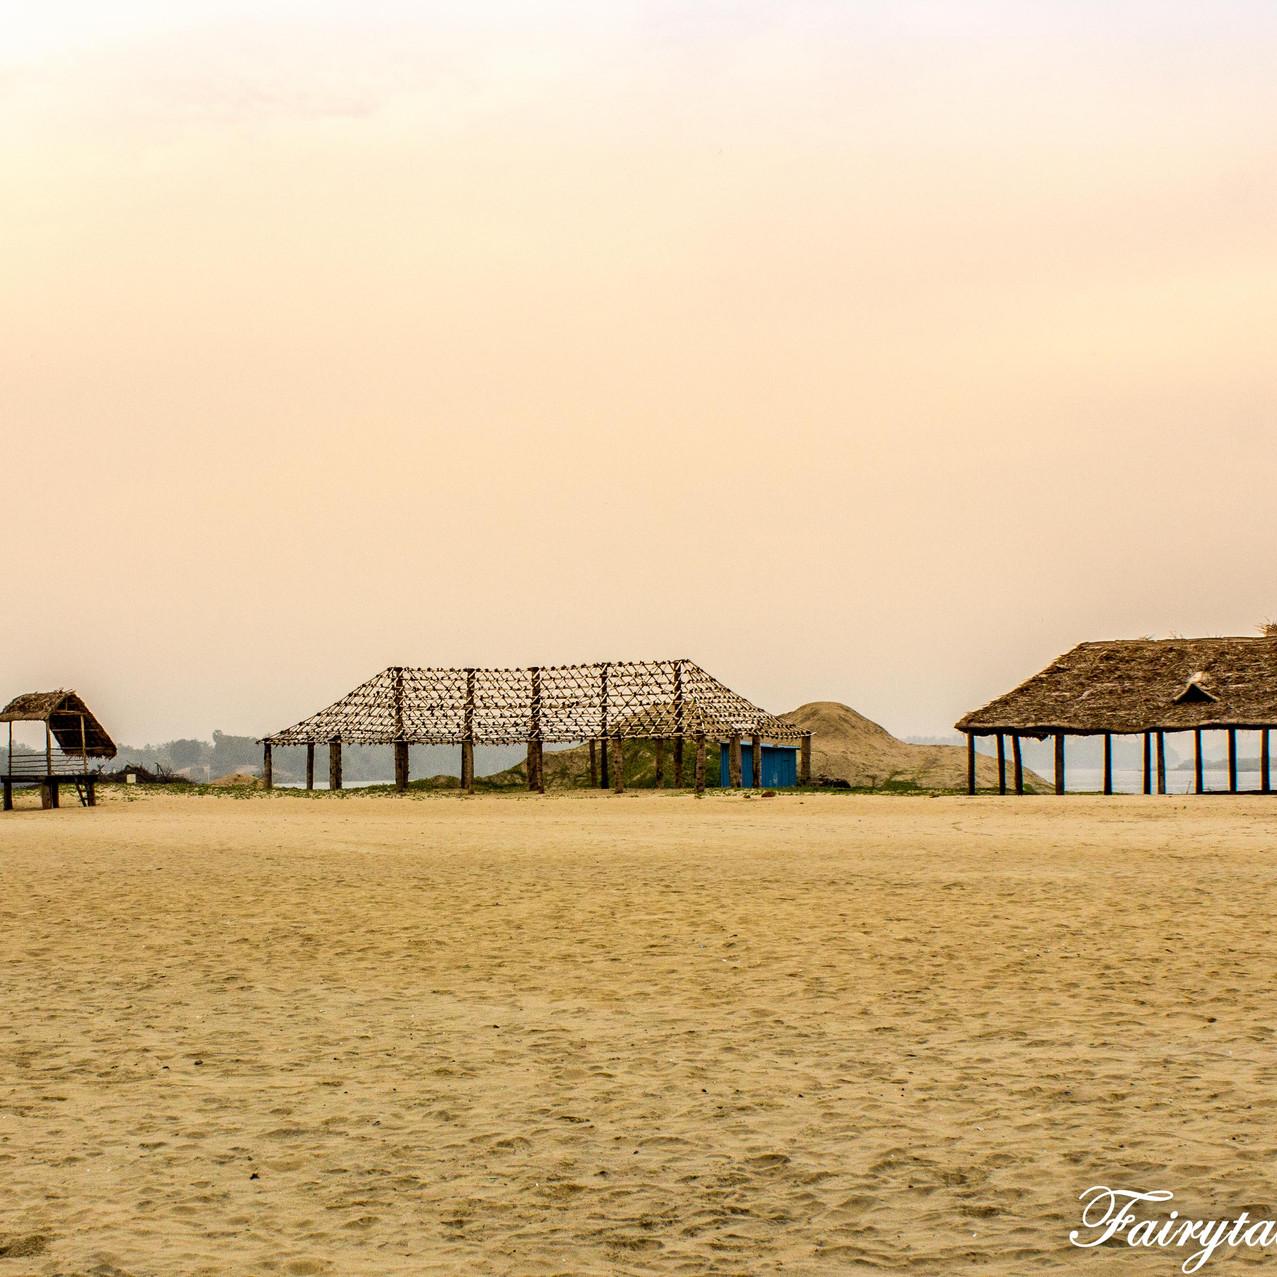 Paradise Beach_Le Pondy_Fairytale Travel Blog (3)